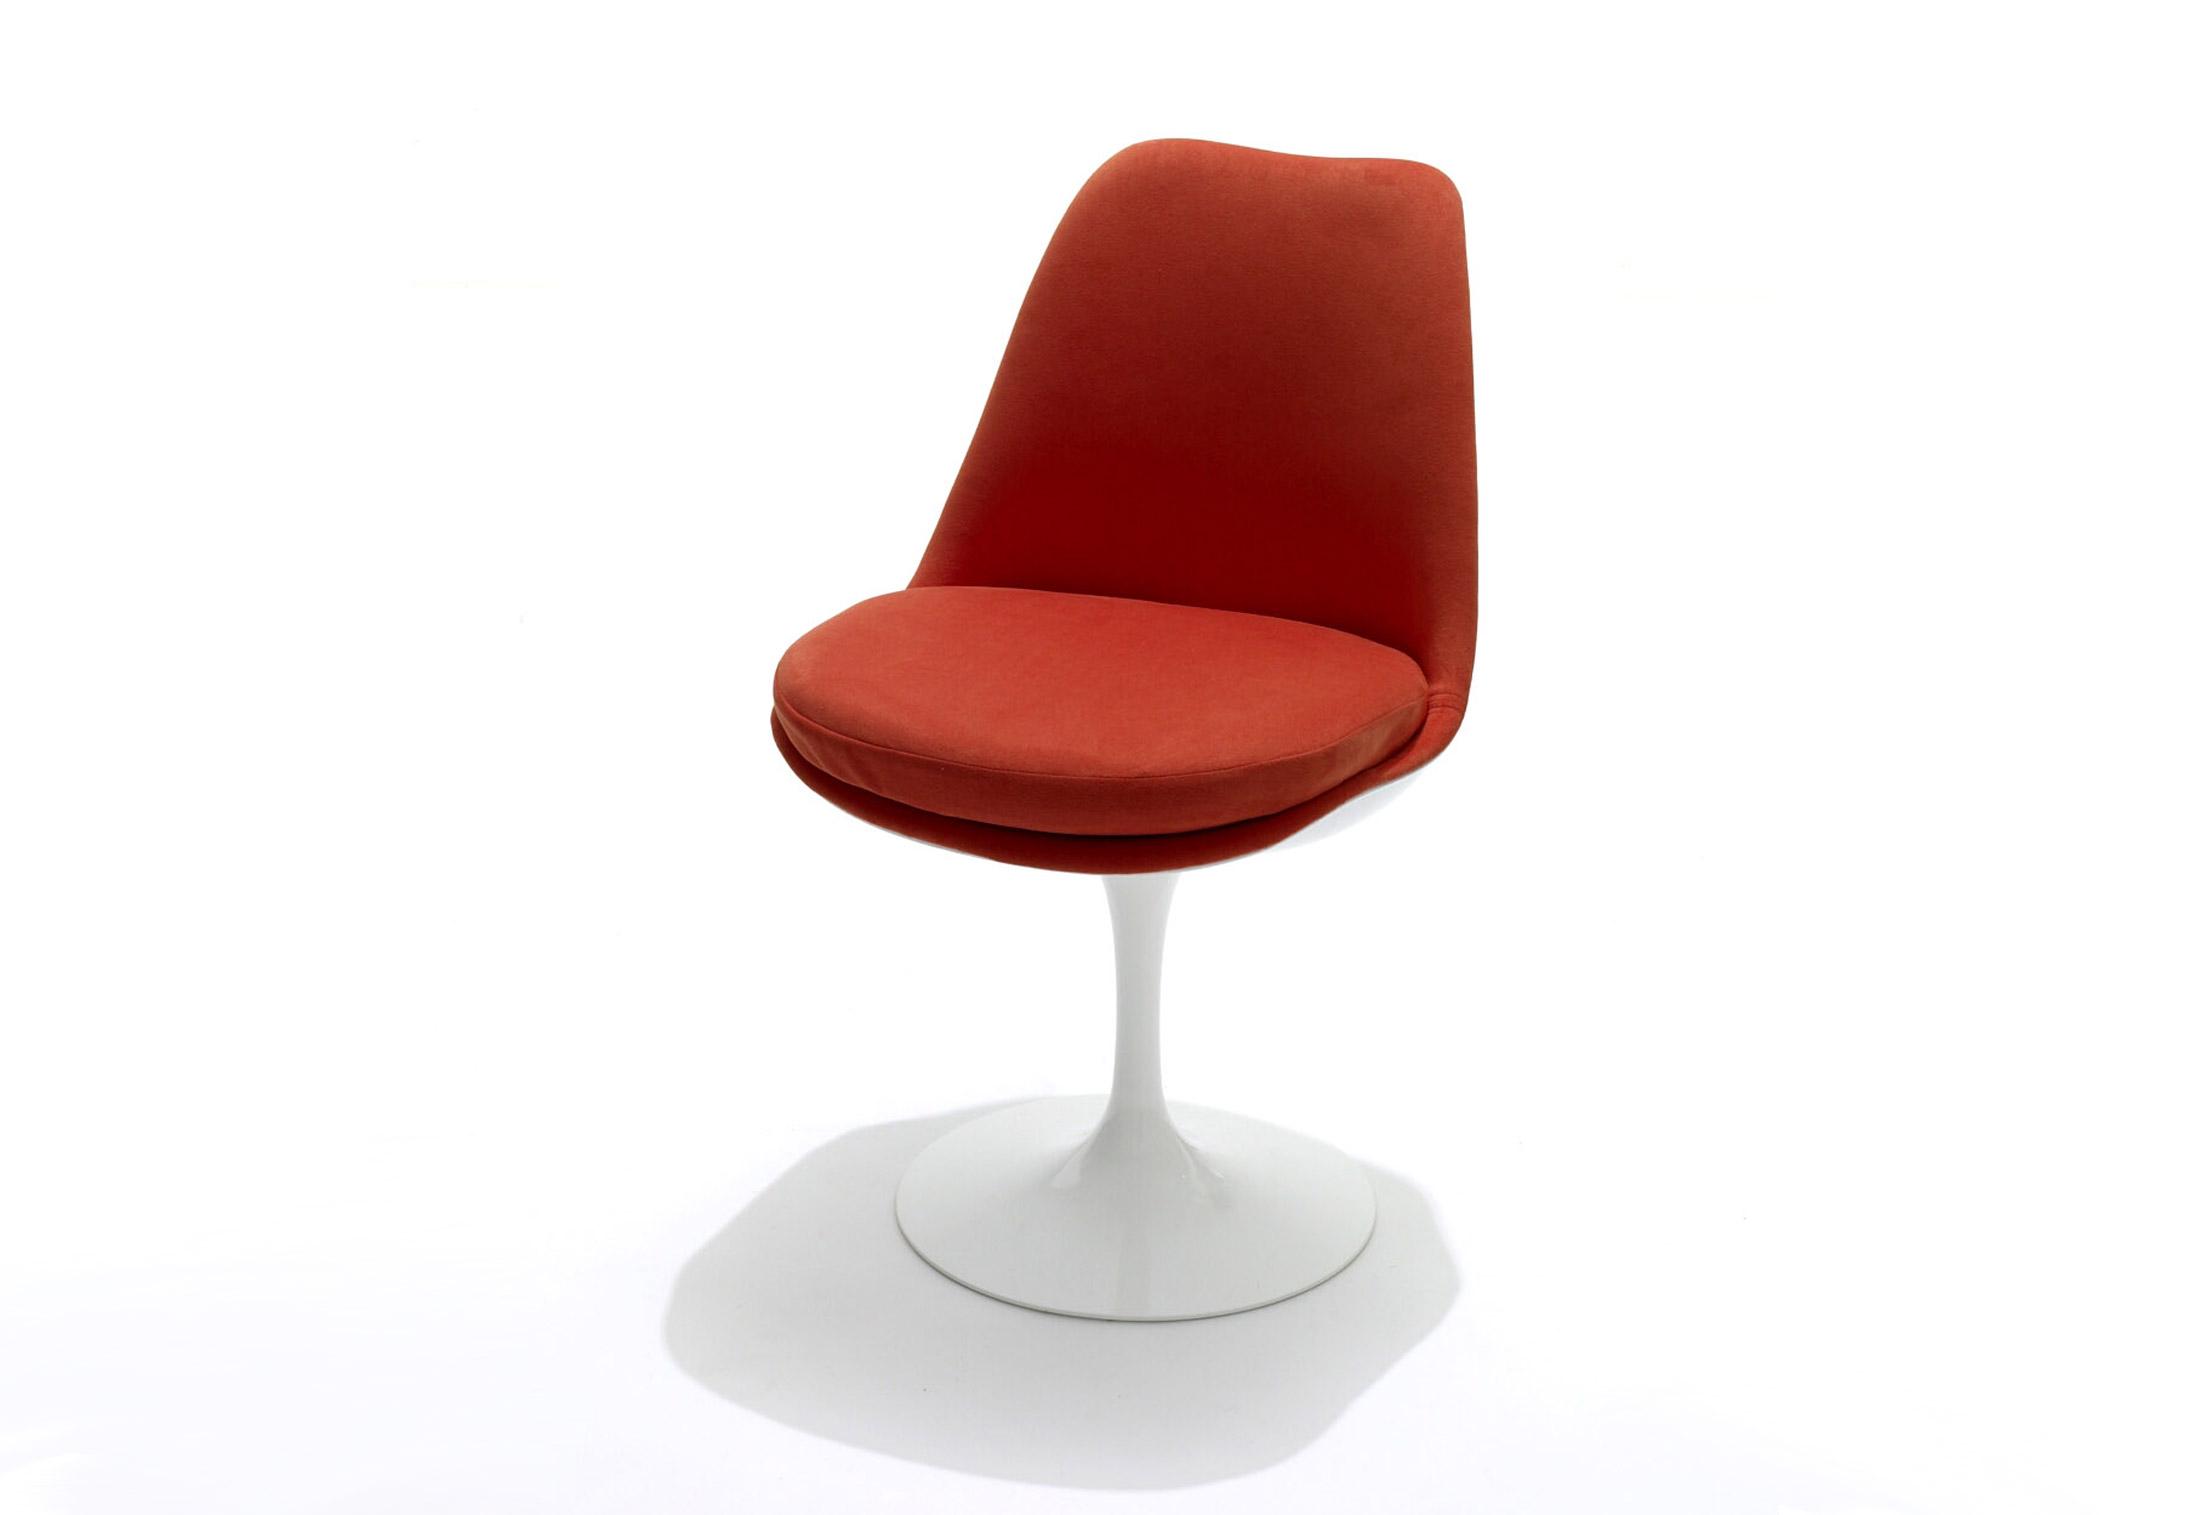 Pin Sedie Design Tulip Chair Tulip Chair Eero Saarinen 32 Jpg on ...